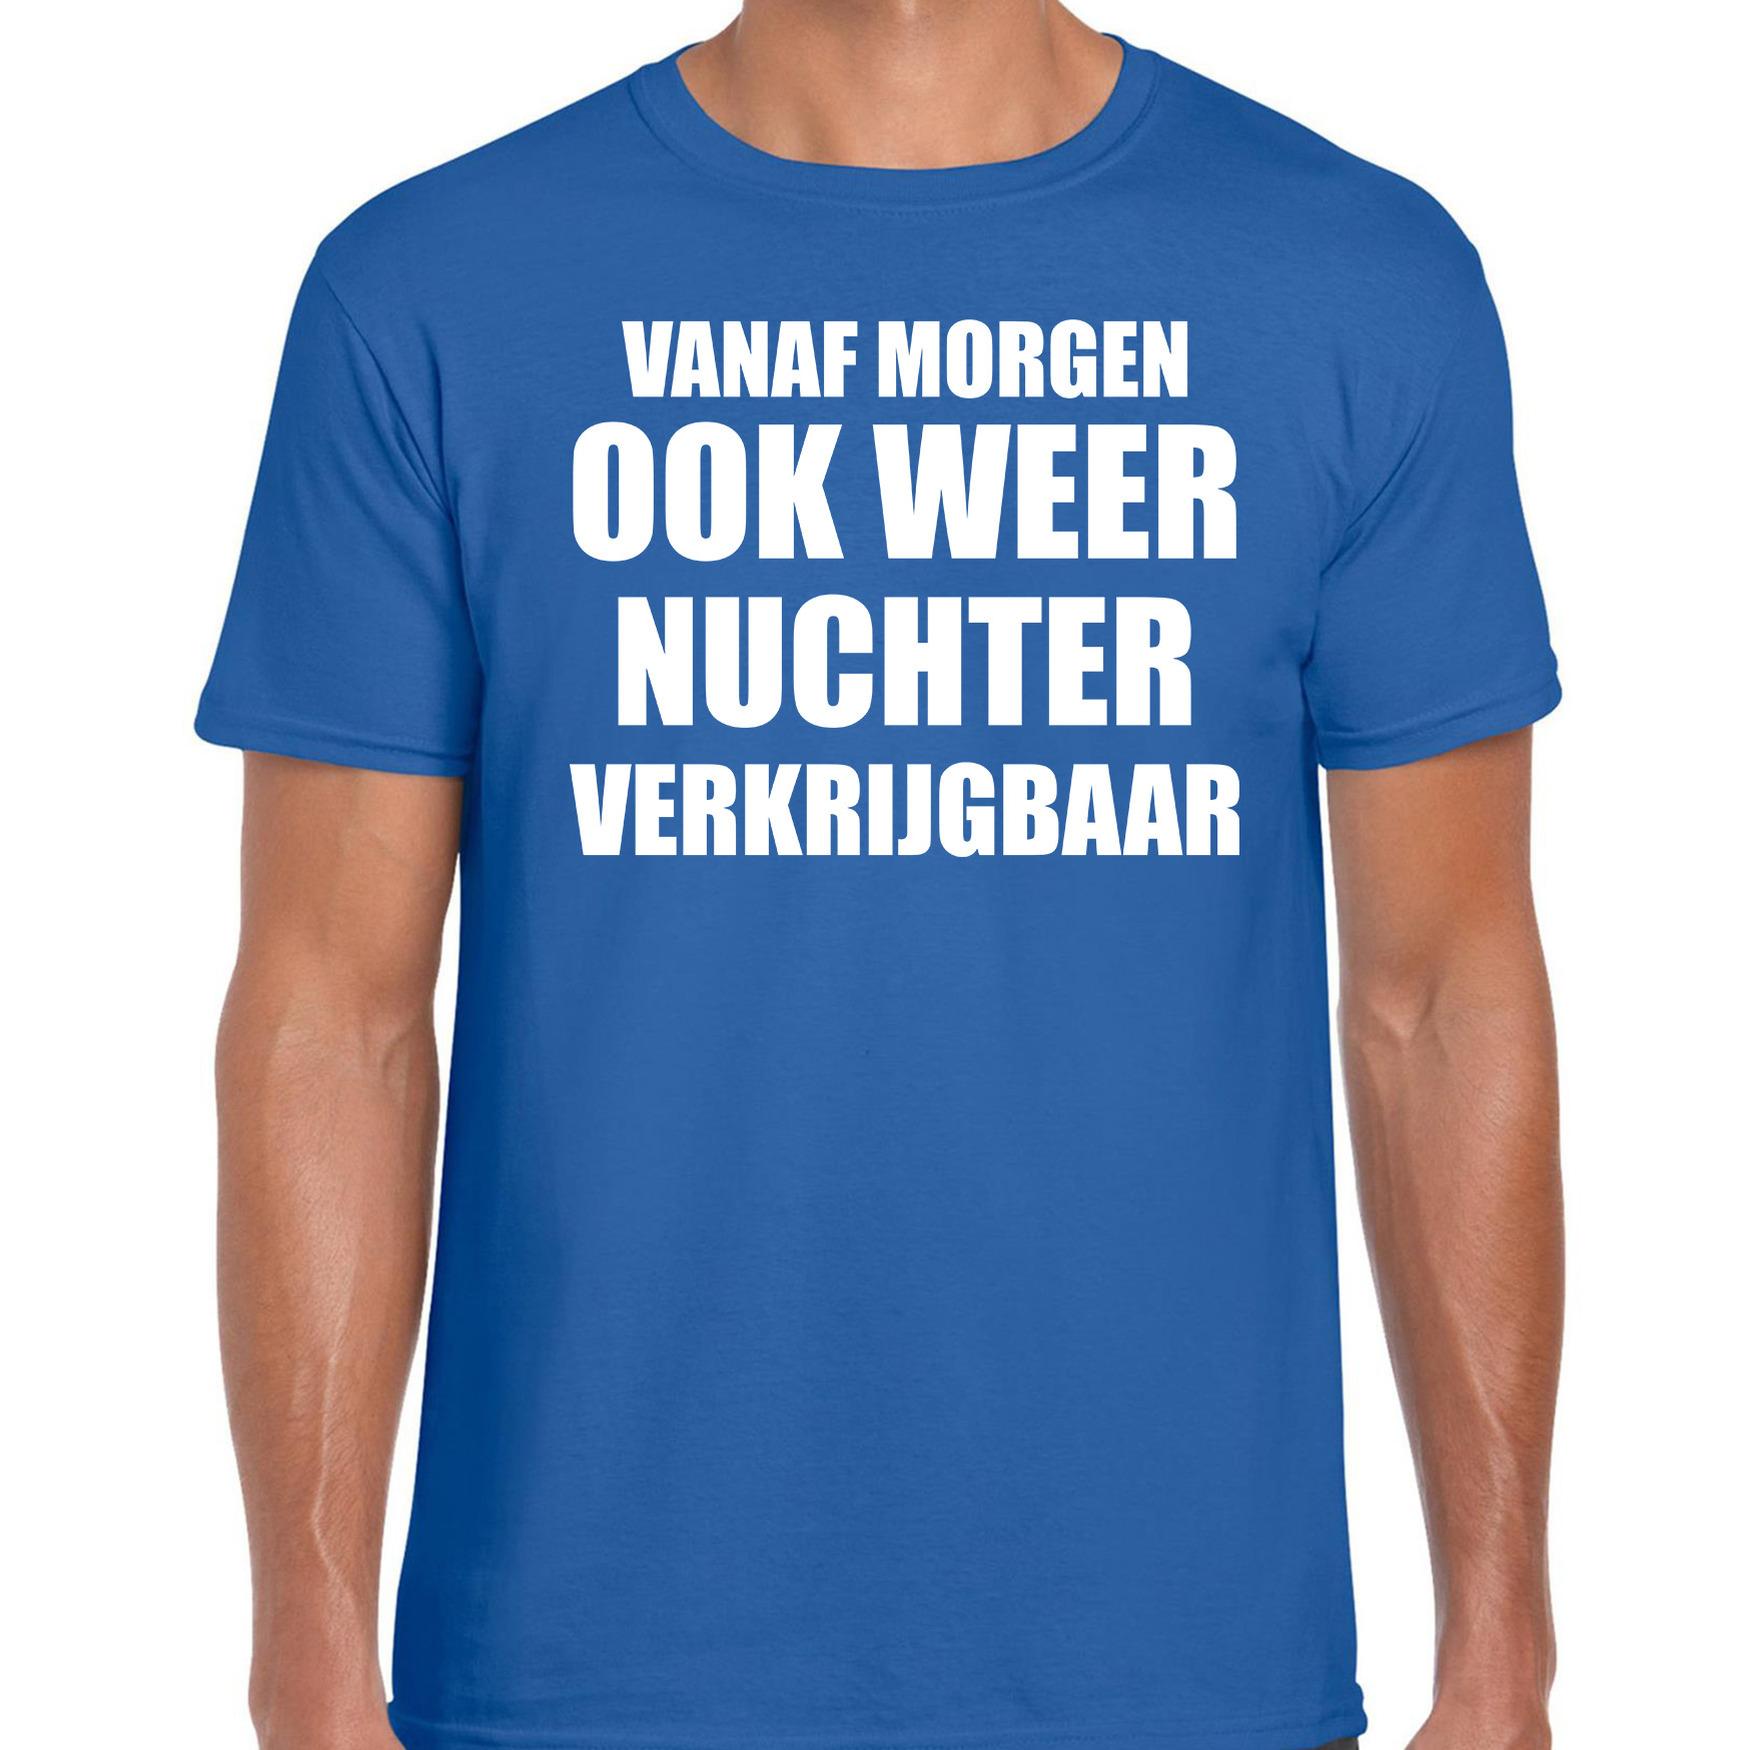 Feest t-shirt morgen nuchter verkrijgbaar blauw voor heren XL -